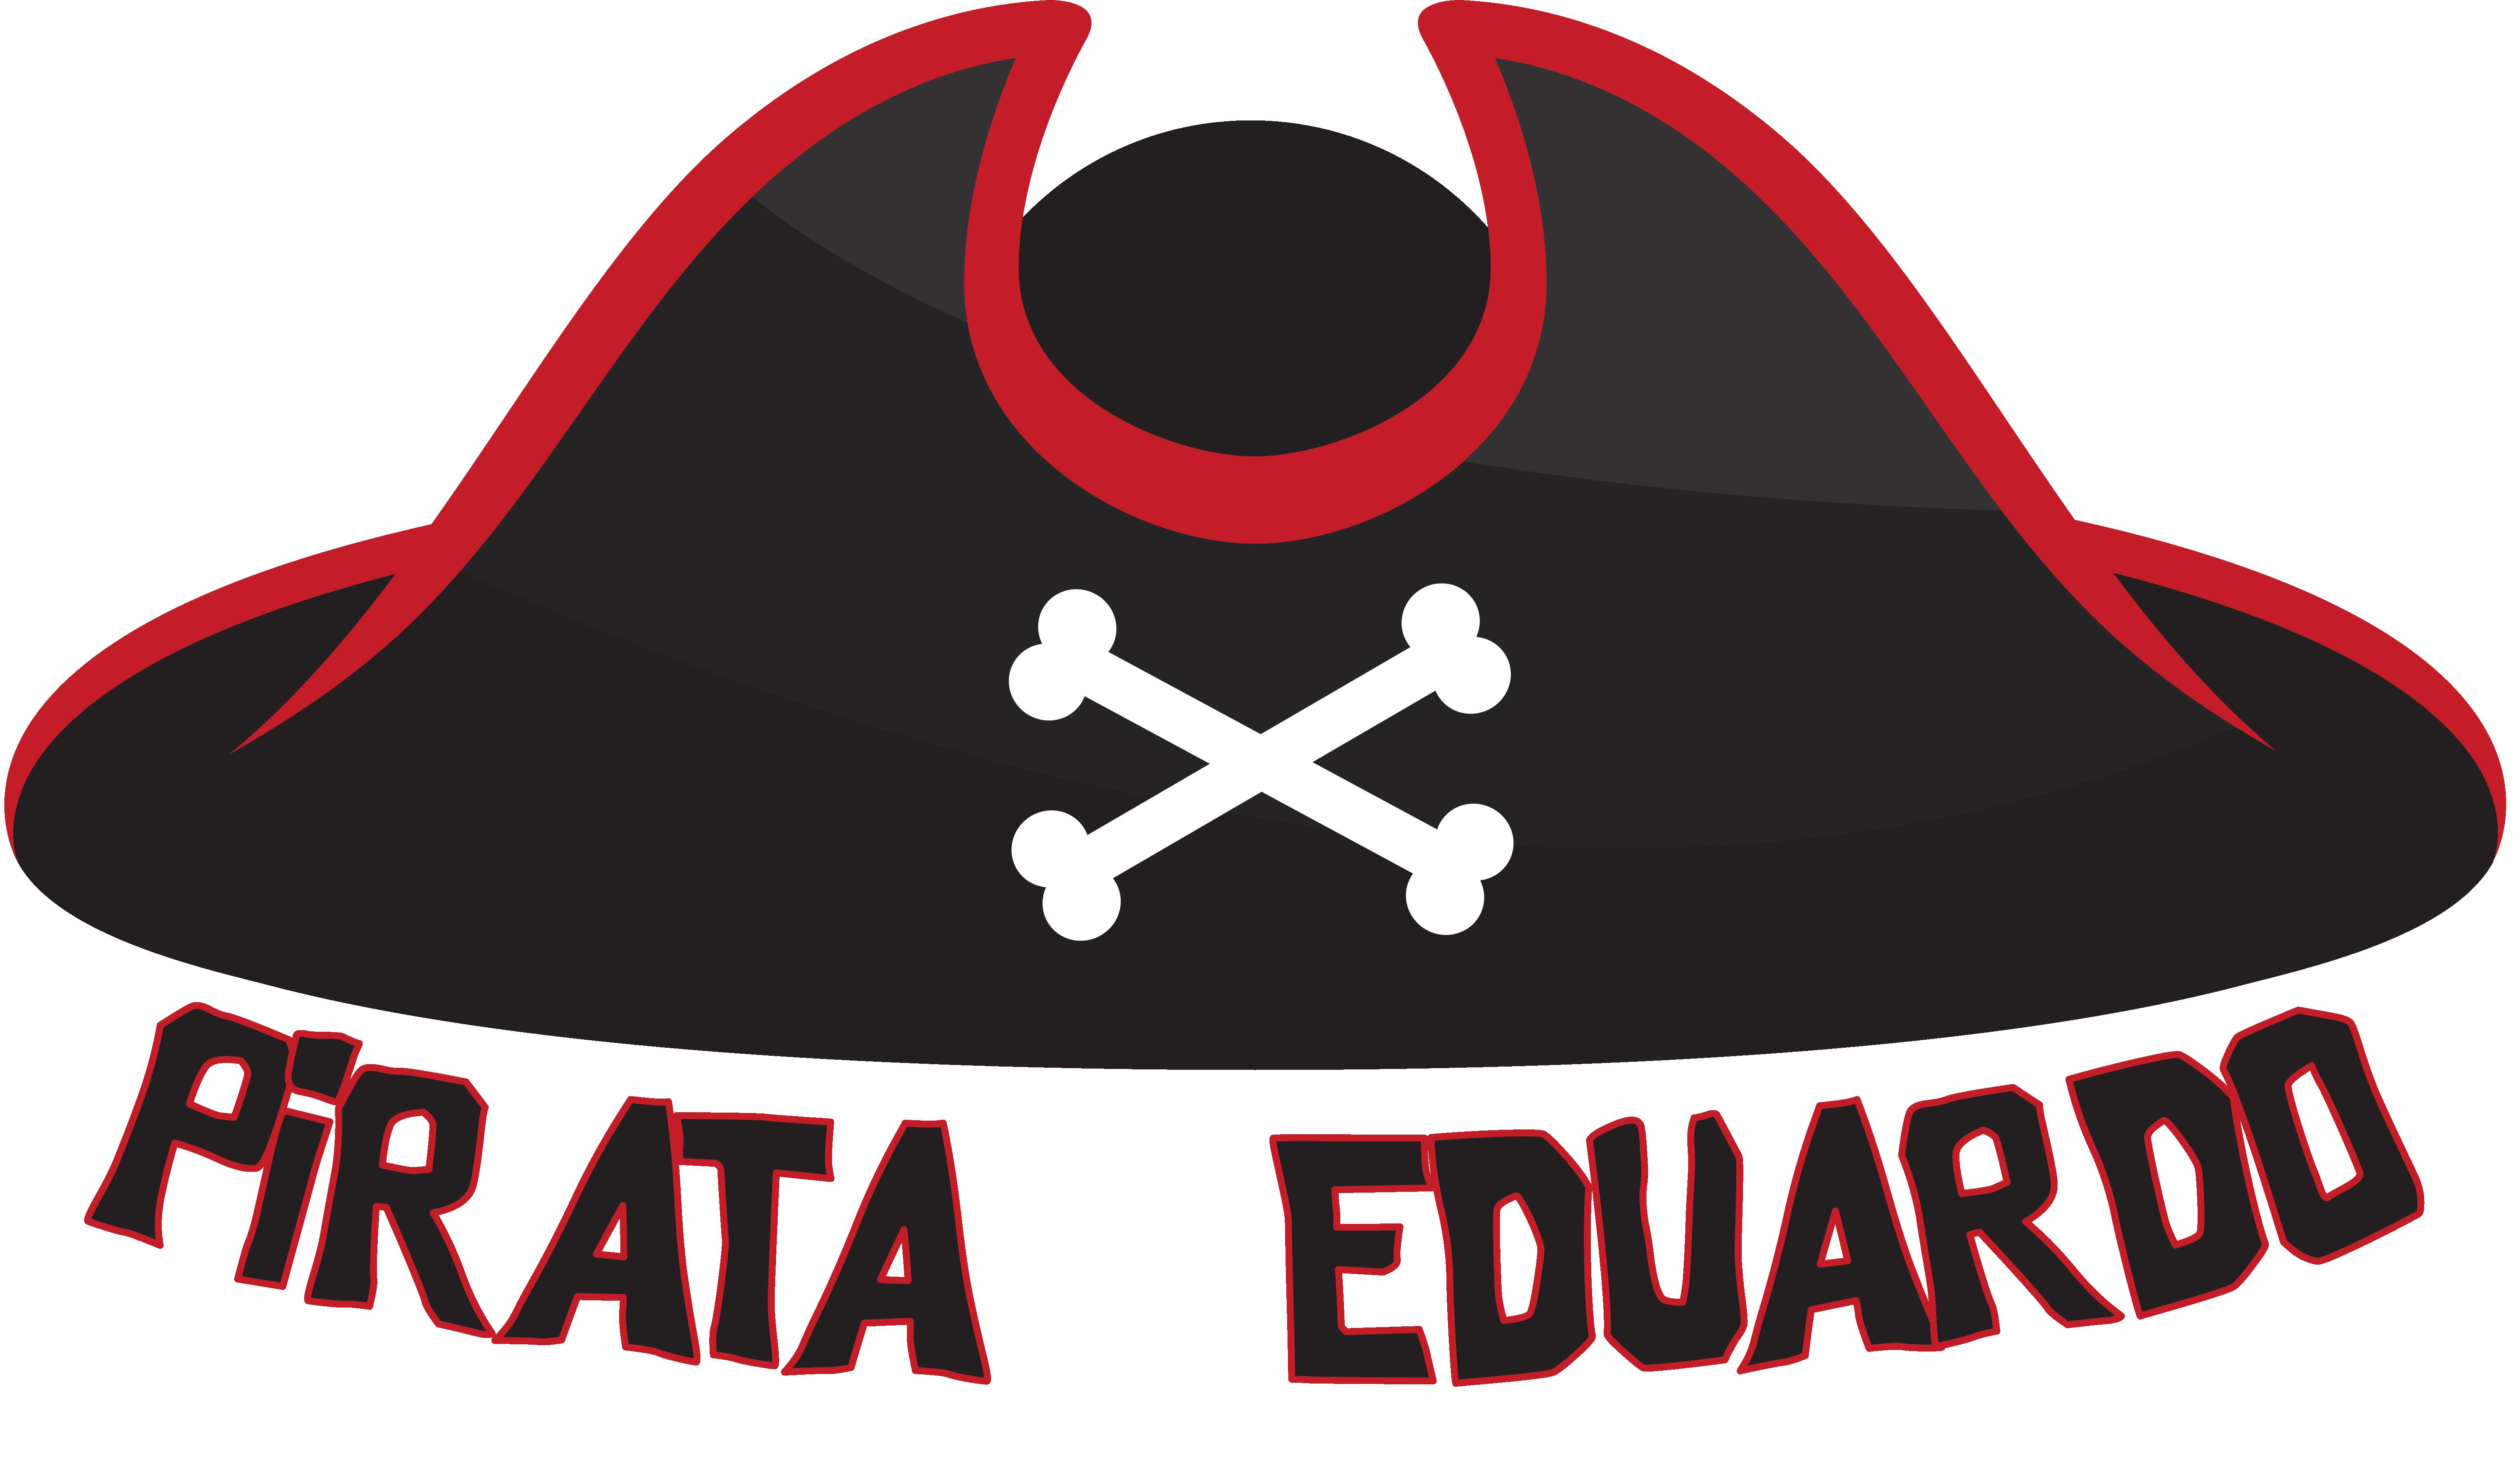 TenVinilo. Camiseta niños sombrero pirata con nombre. Camiseta pirata para niños y niñas con el diseño de un sombrero de colores oscuros con un ribete de color rojo y dos huesos cruzados.